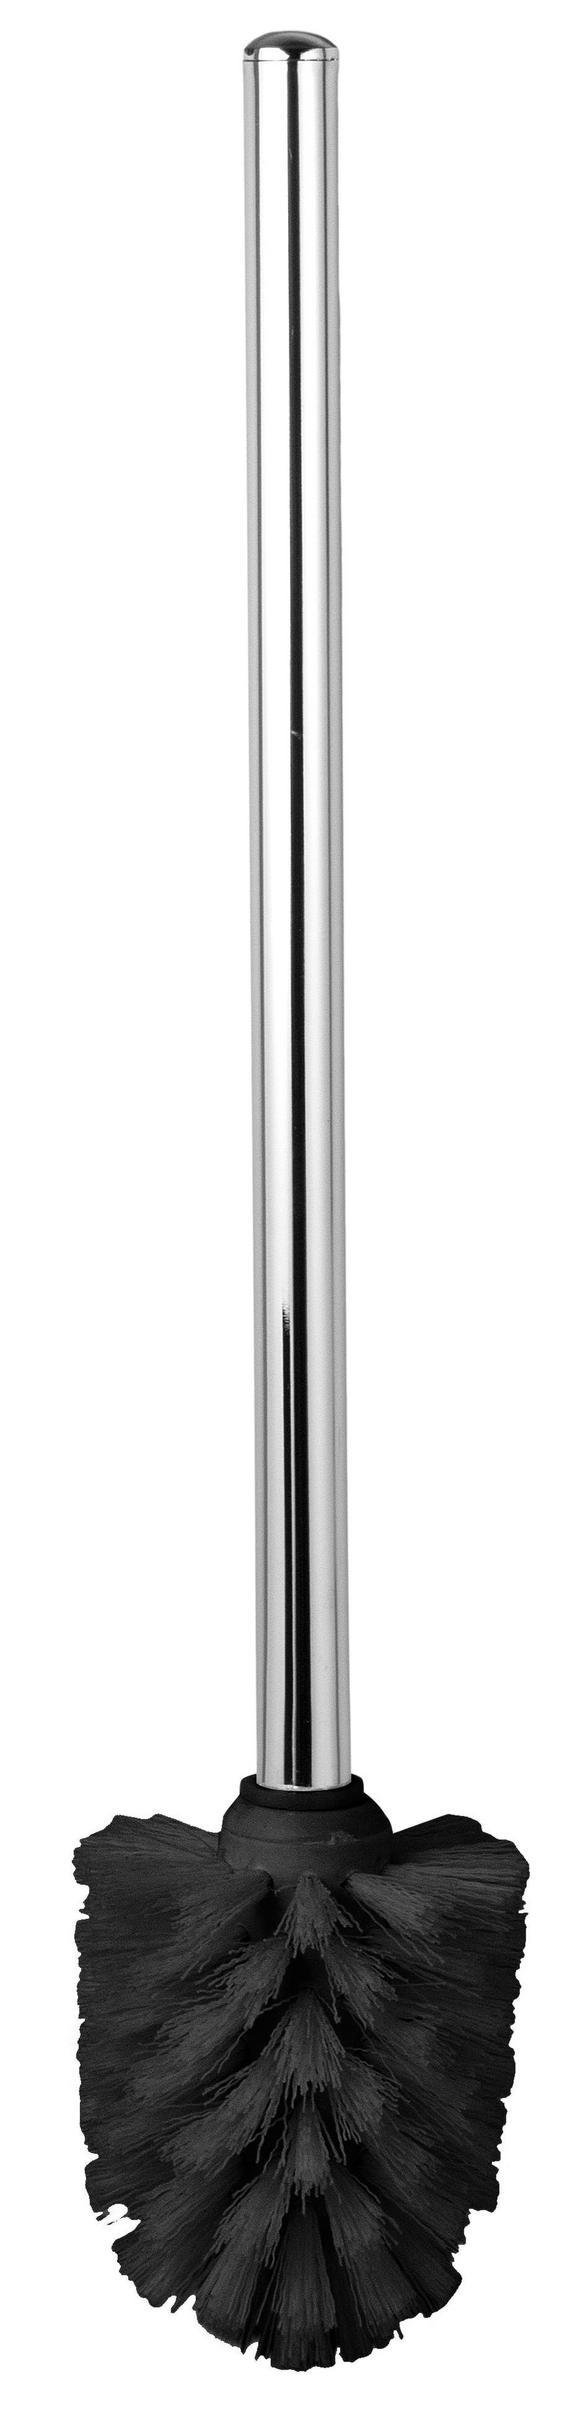 Nadomestna Ščetka Taris -sb- - krom, kovina/umetna masa (7/38/7cm)